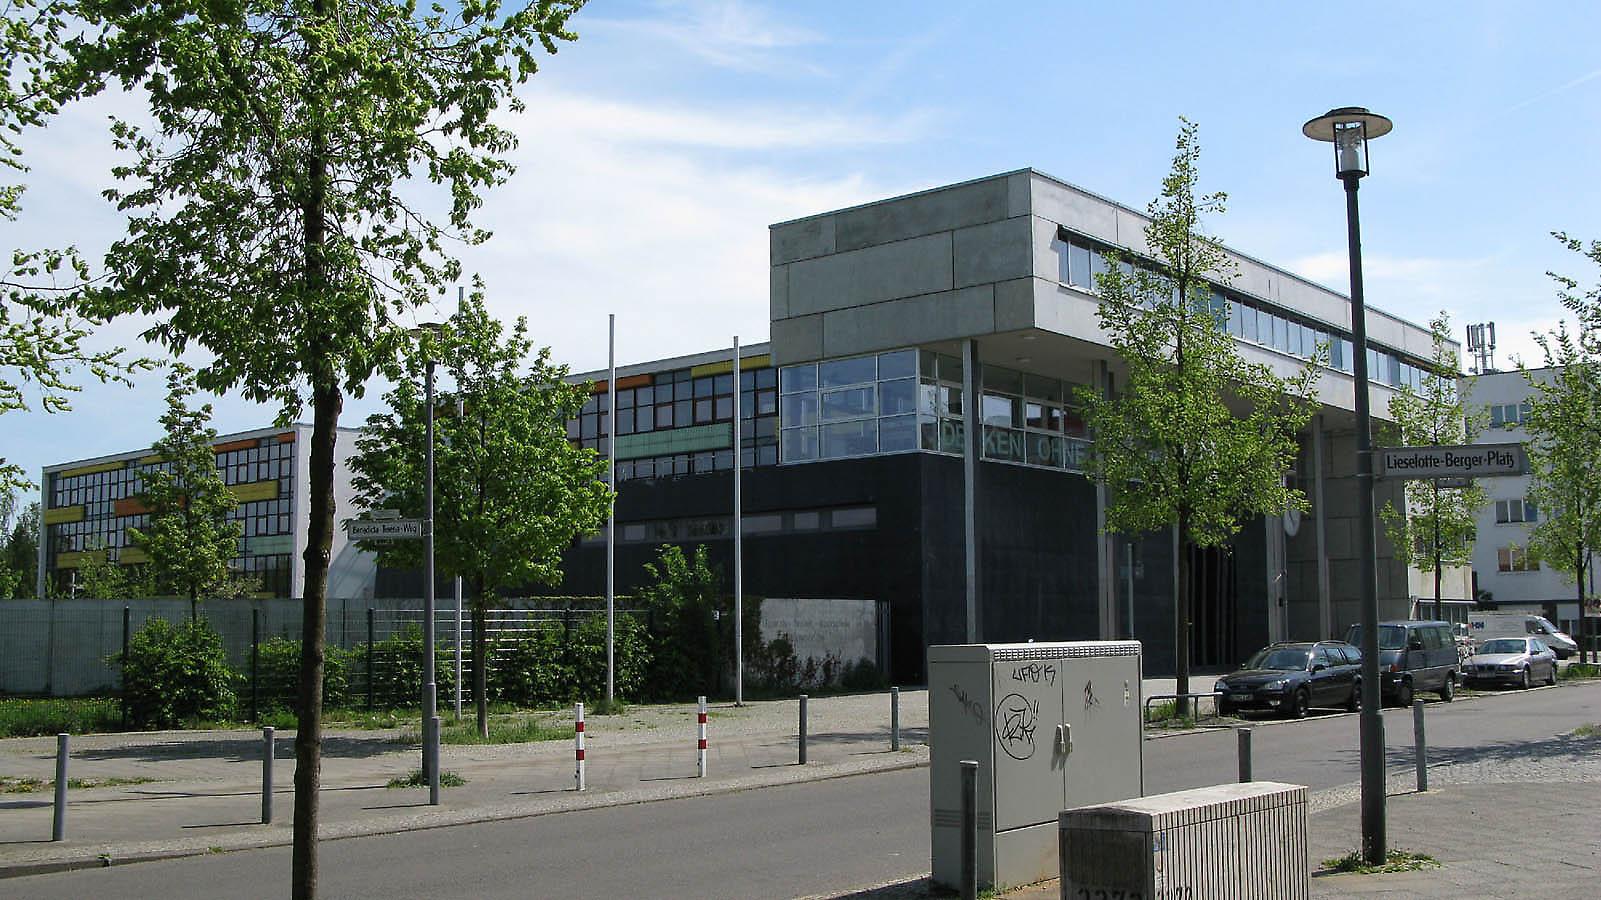 Cool Architekten In Berlin Ideen Von Hannah Arendt Schule Alten Architekten, 2001. Berlin,